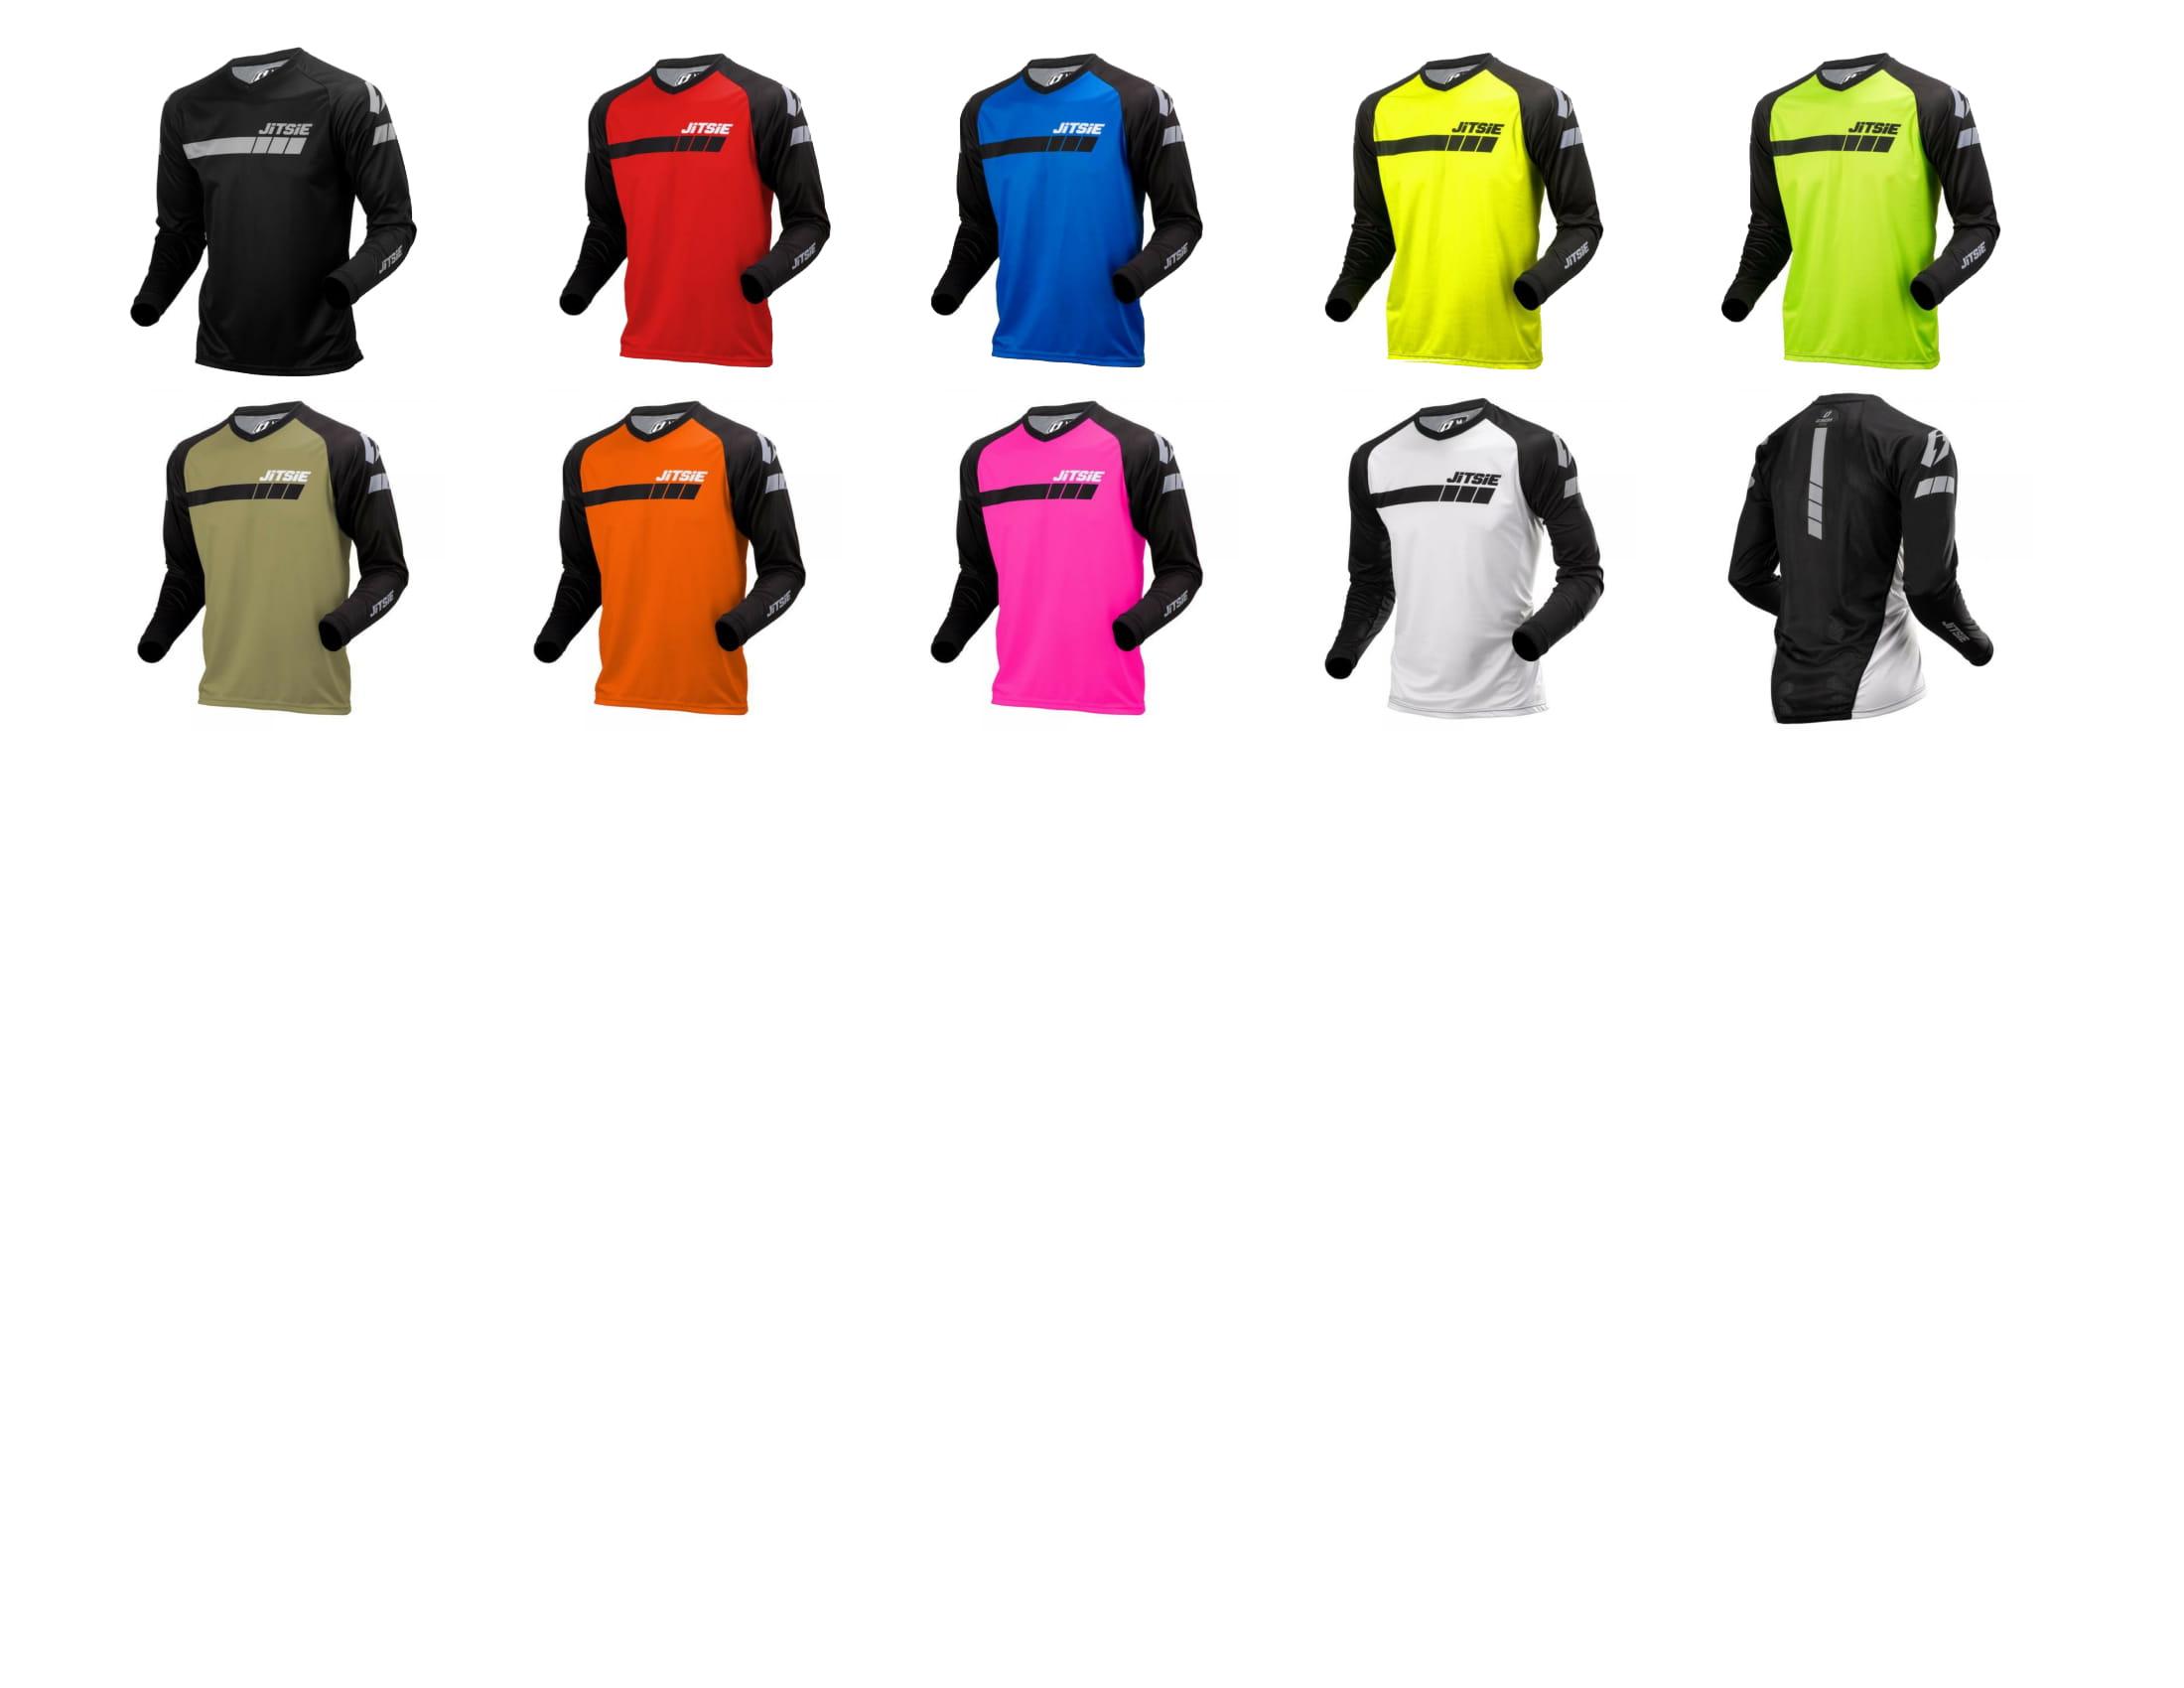 2019 L3 Triztan jerseys